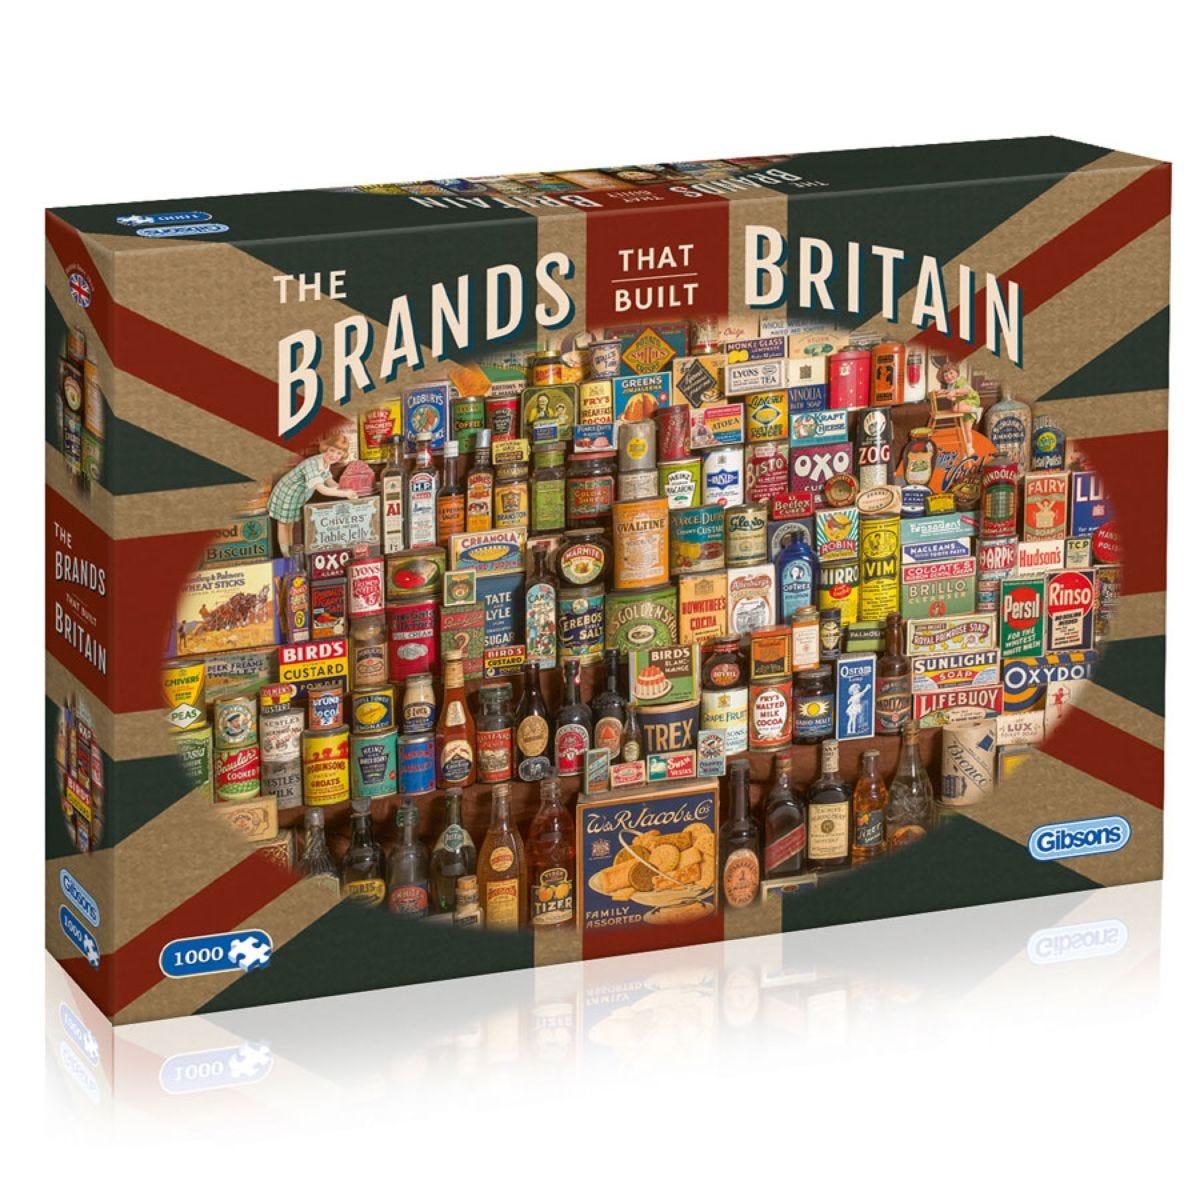 Brands that Built Britain 1000 Piece Jigsaw Puzzle